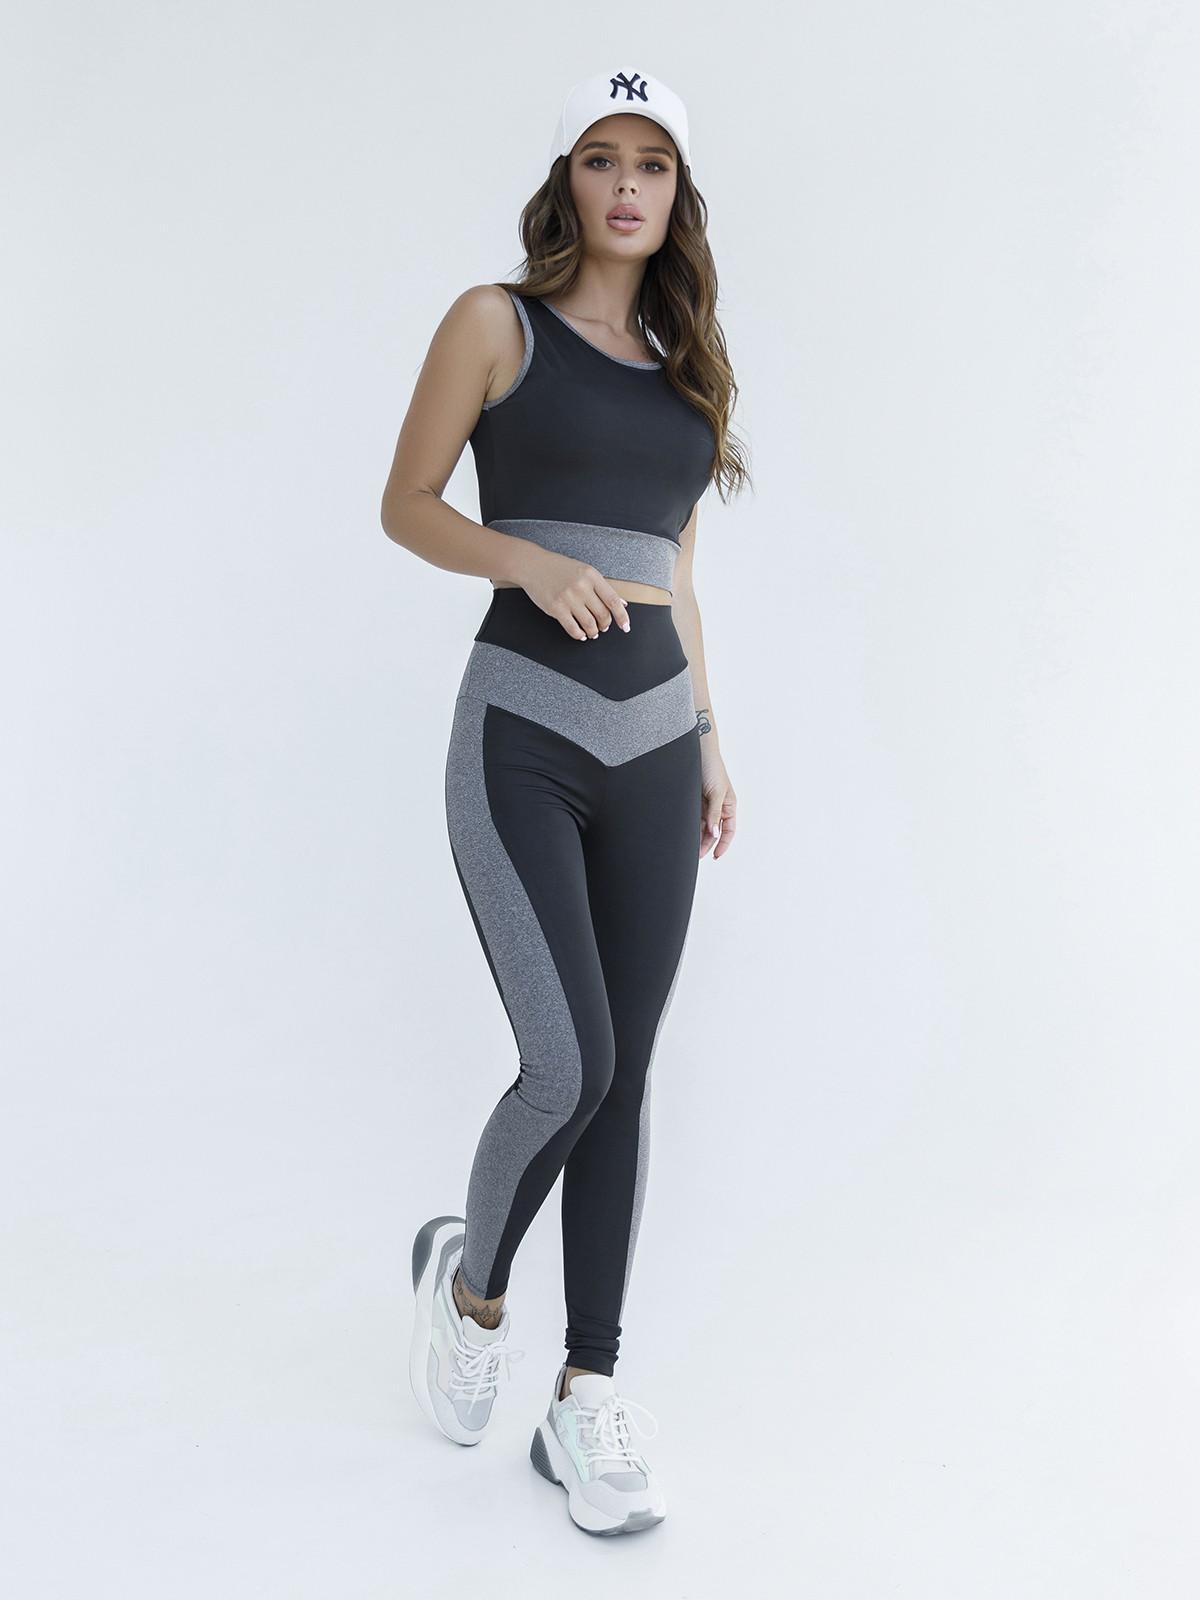 Черно-серый эластичный костюм для фитнеса